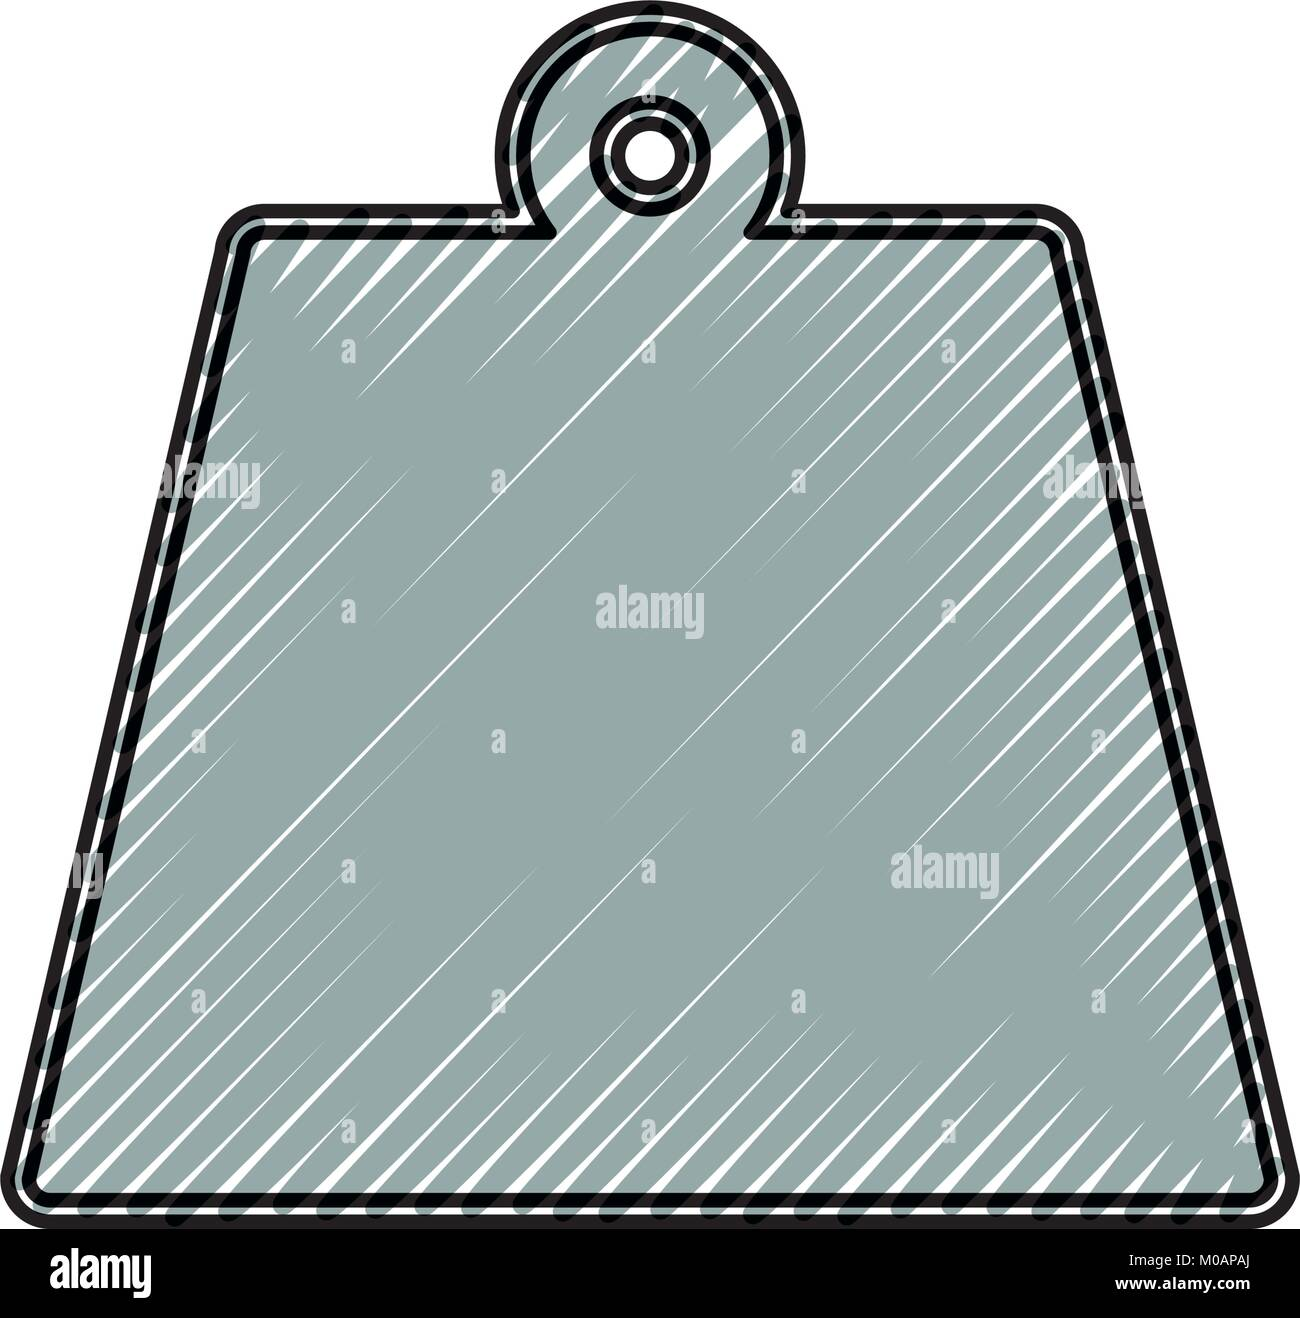 Imagen del icono de peso Imagen De Stock